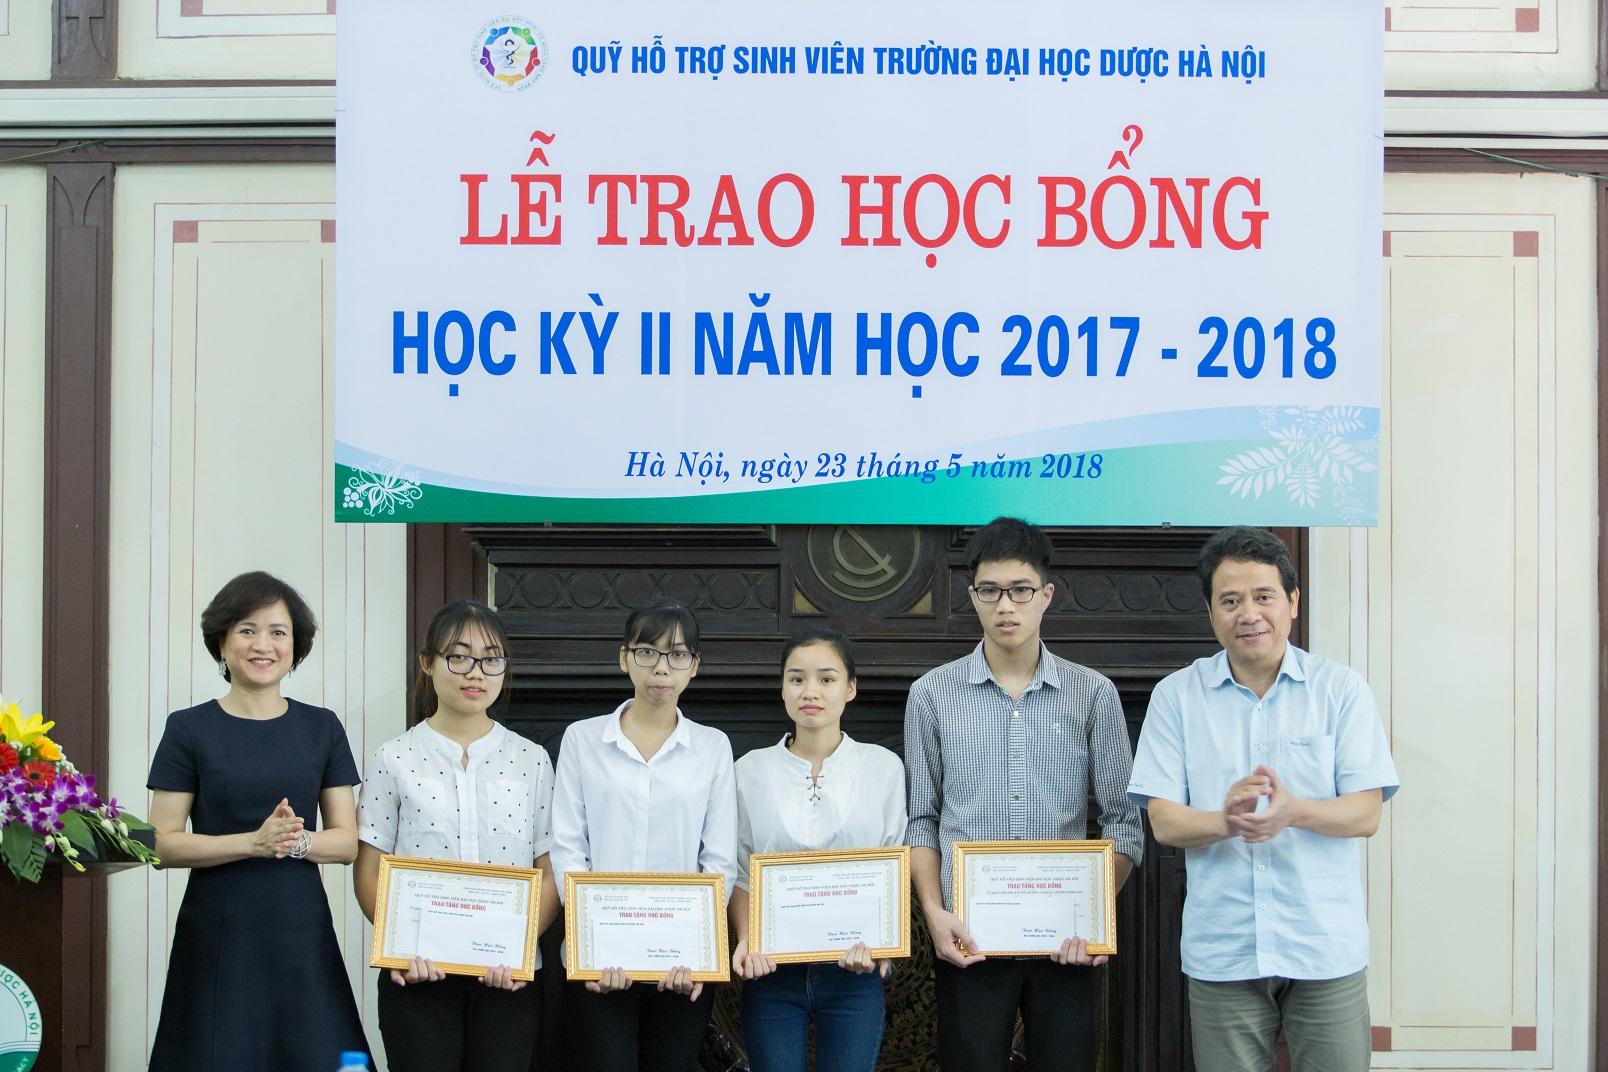 Sao Thái Dương tham gia vào lễ trao học bổng cho sinh viên học kì II năm học 2017-2018, Trường Đại Học Dược Hà Nội